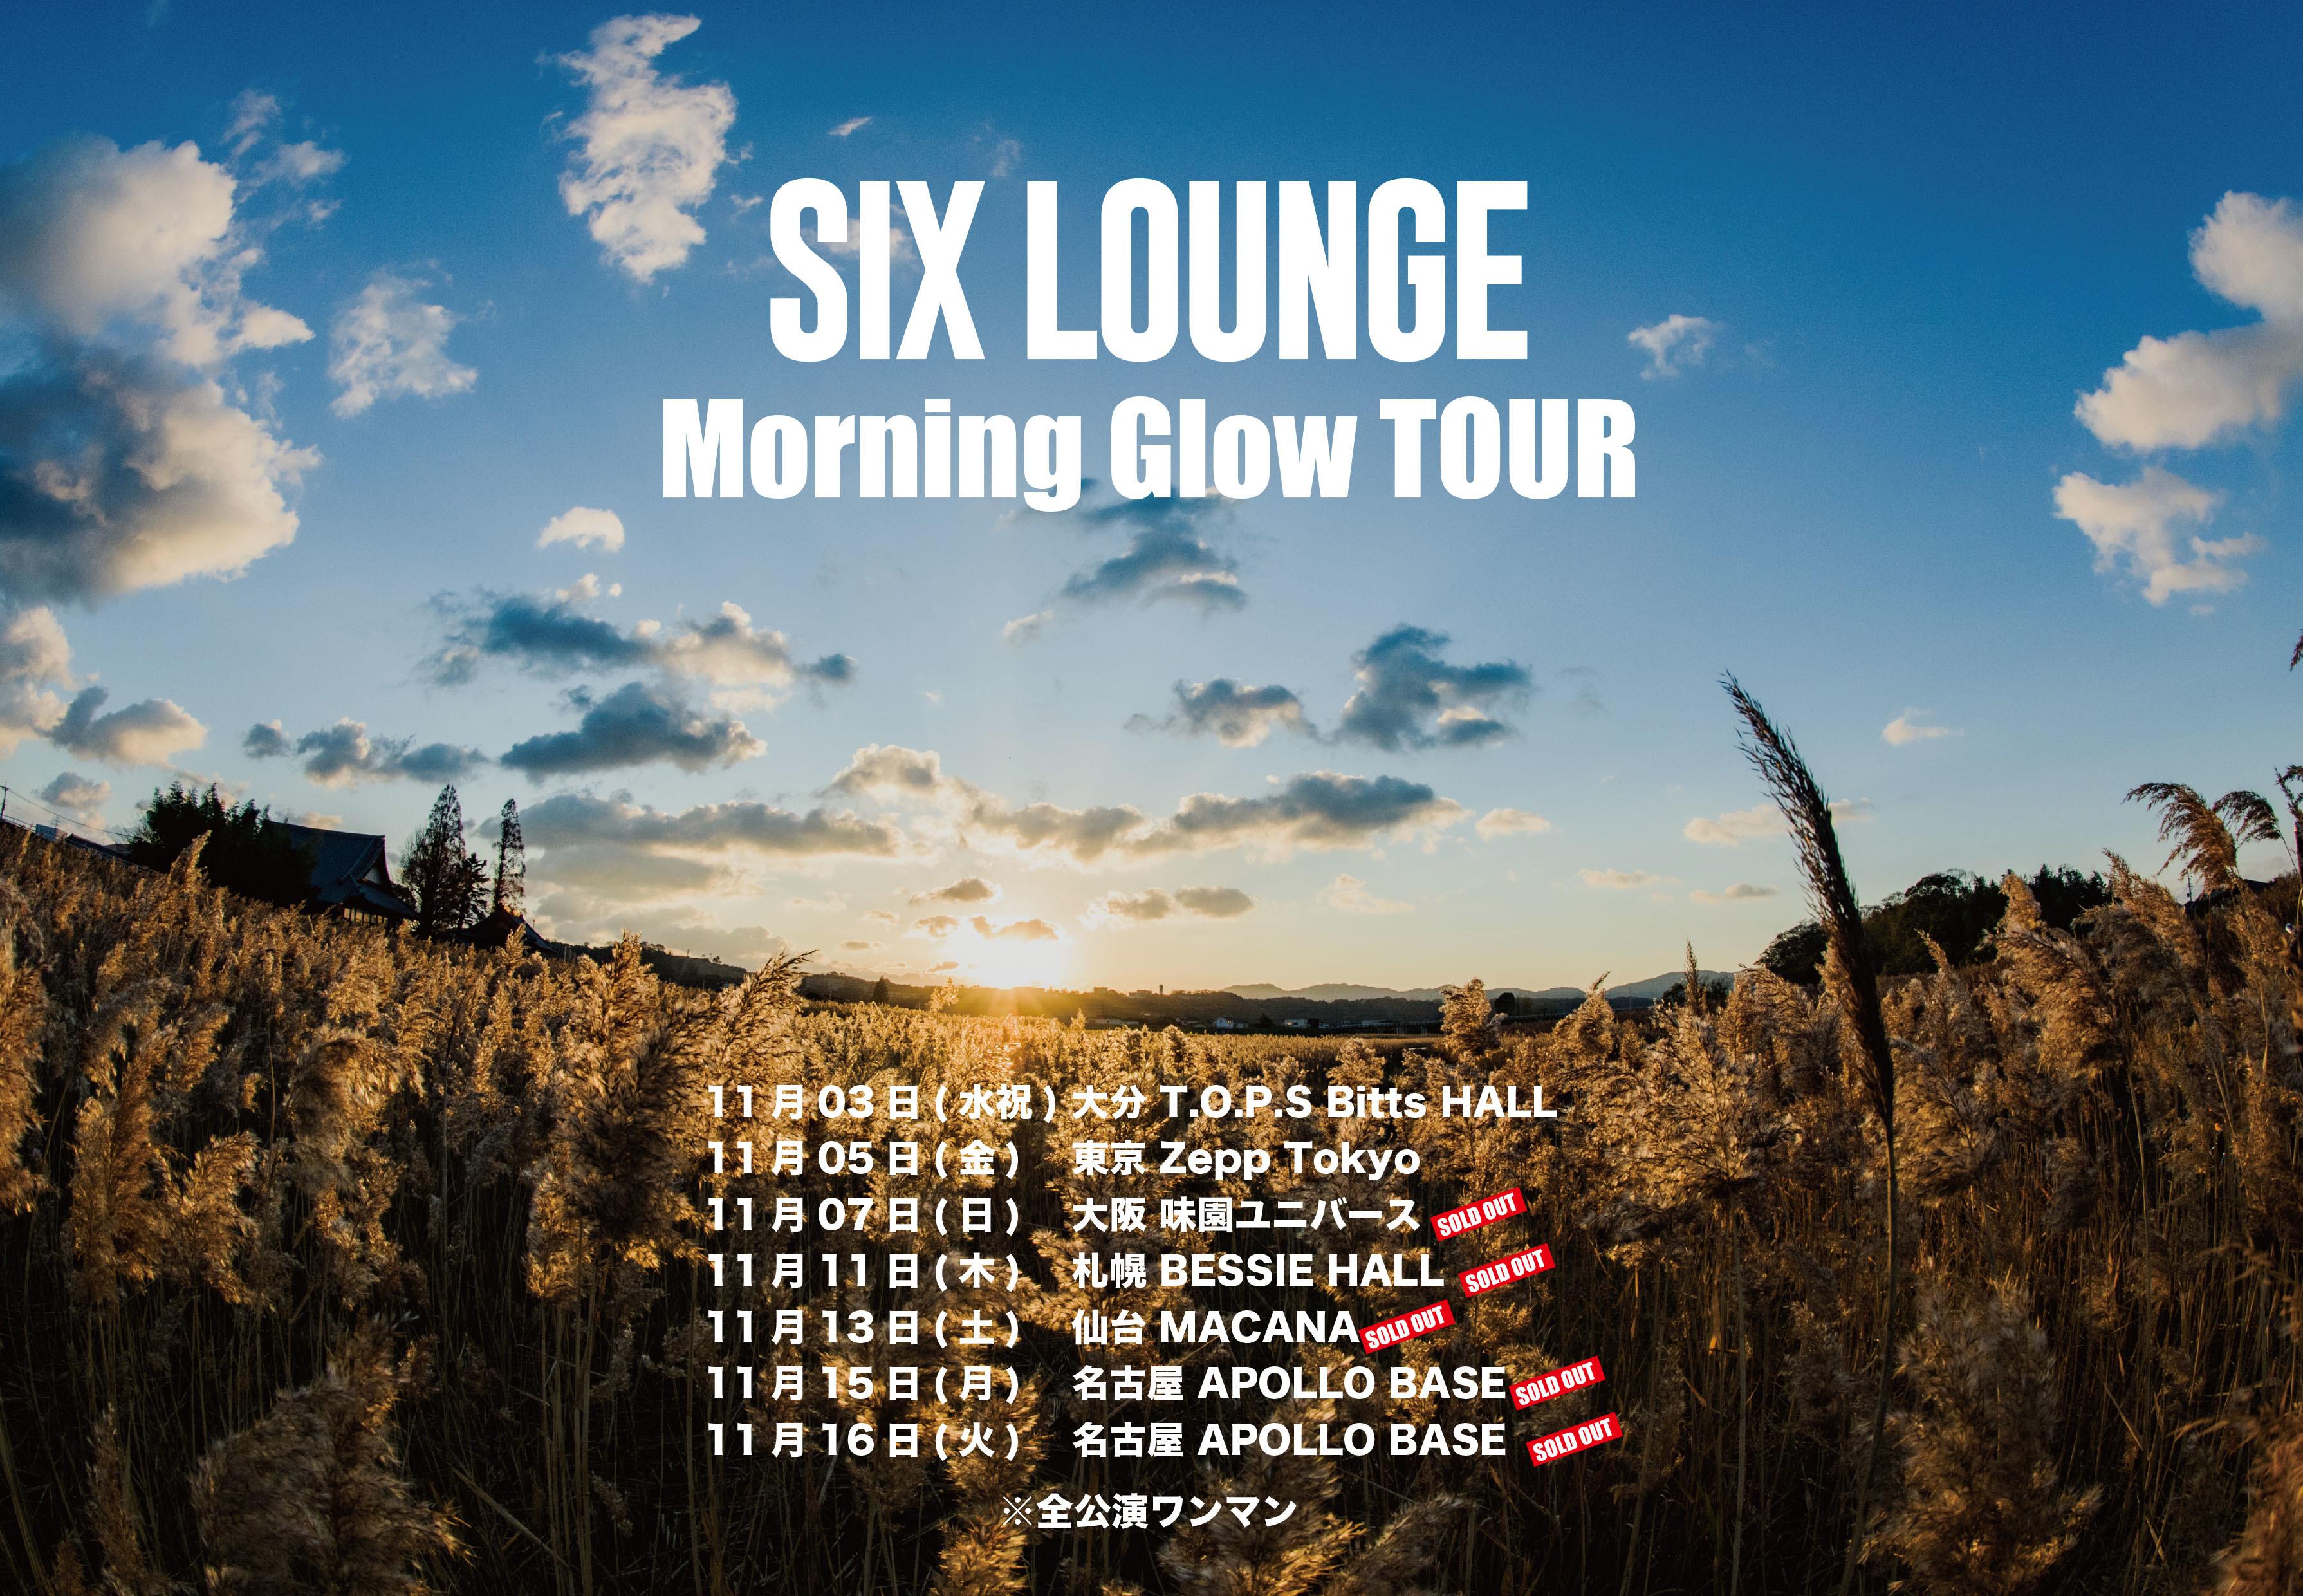 Morning Glow TOUR